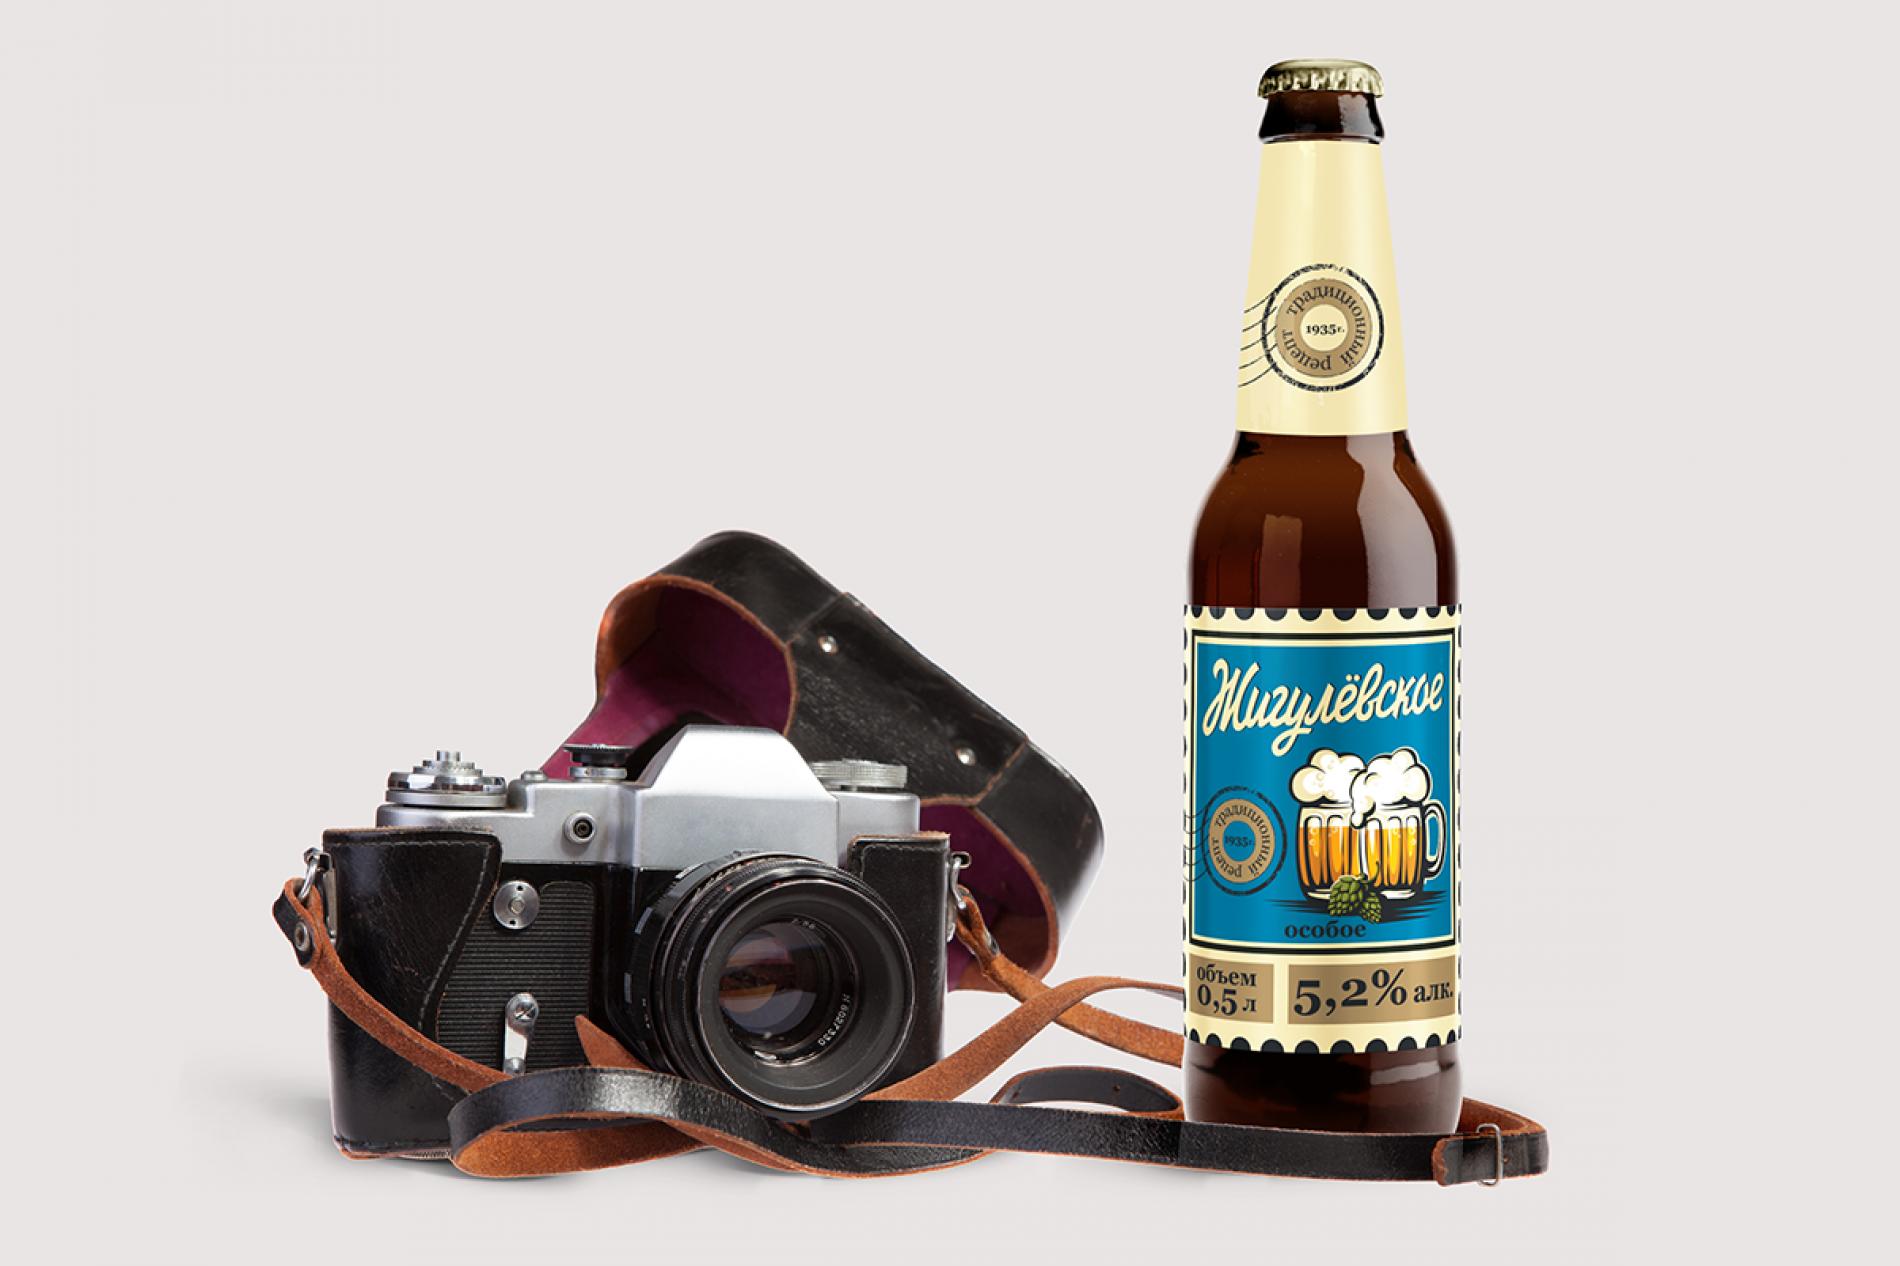 Дизайн этикетки | разработка дизайна этикетки | бутылка пива «Жигулевское»